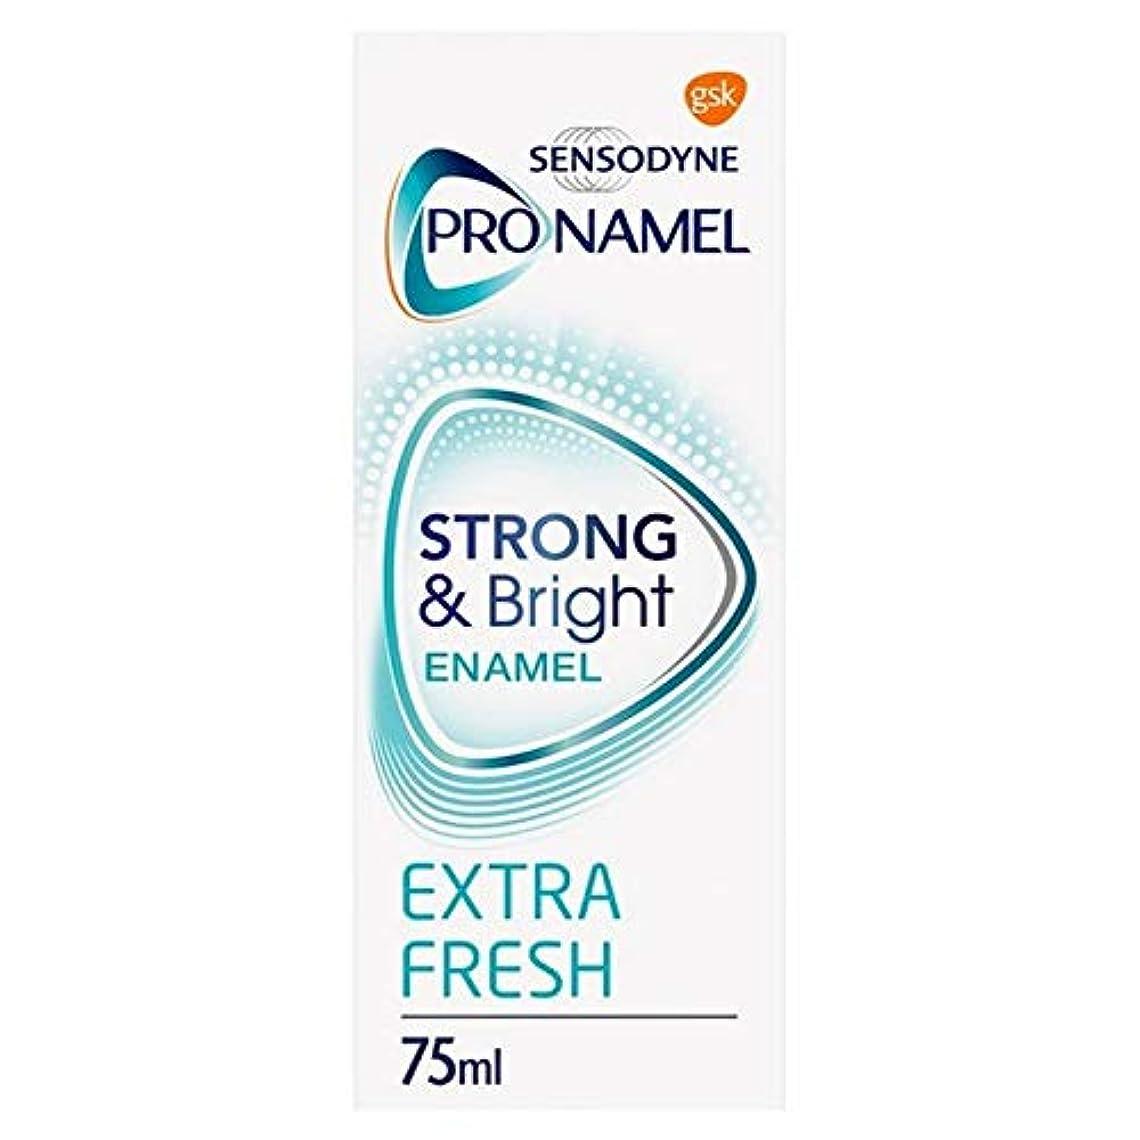 フィットベルベット昼間[Sensodyne] SensodyneのPronamel強い&ブライト歯磨き粉75ミリリットル - Sensodyne Pronamel Strong & Bright Toothpaste 75ml [並行輸入品]